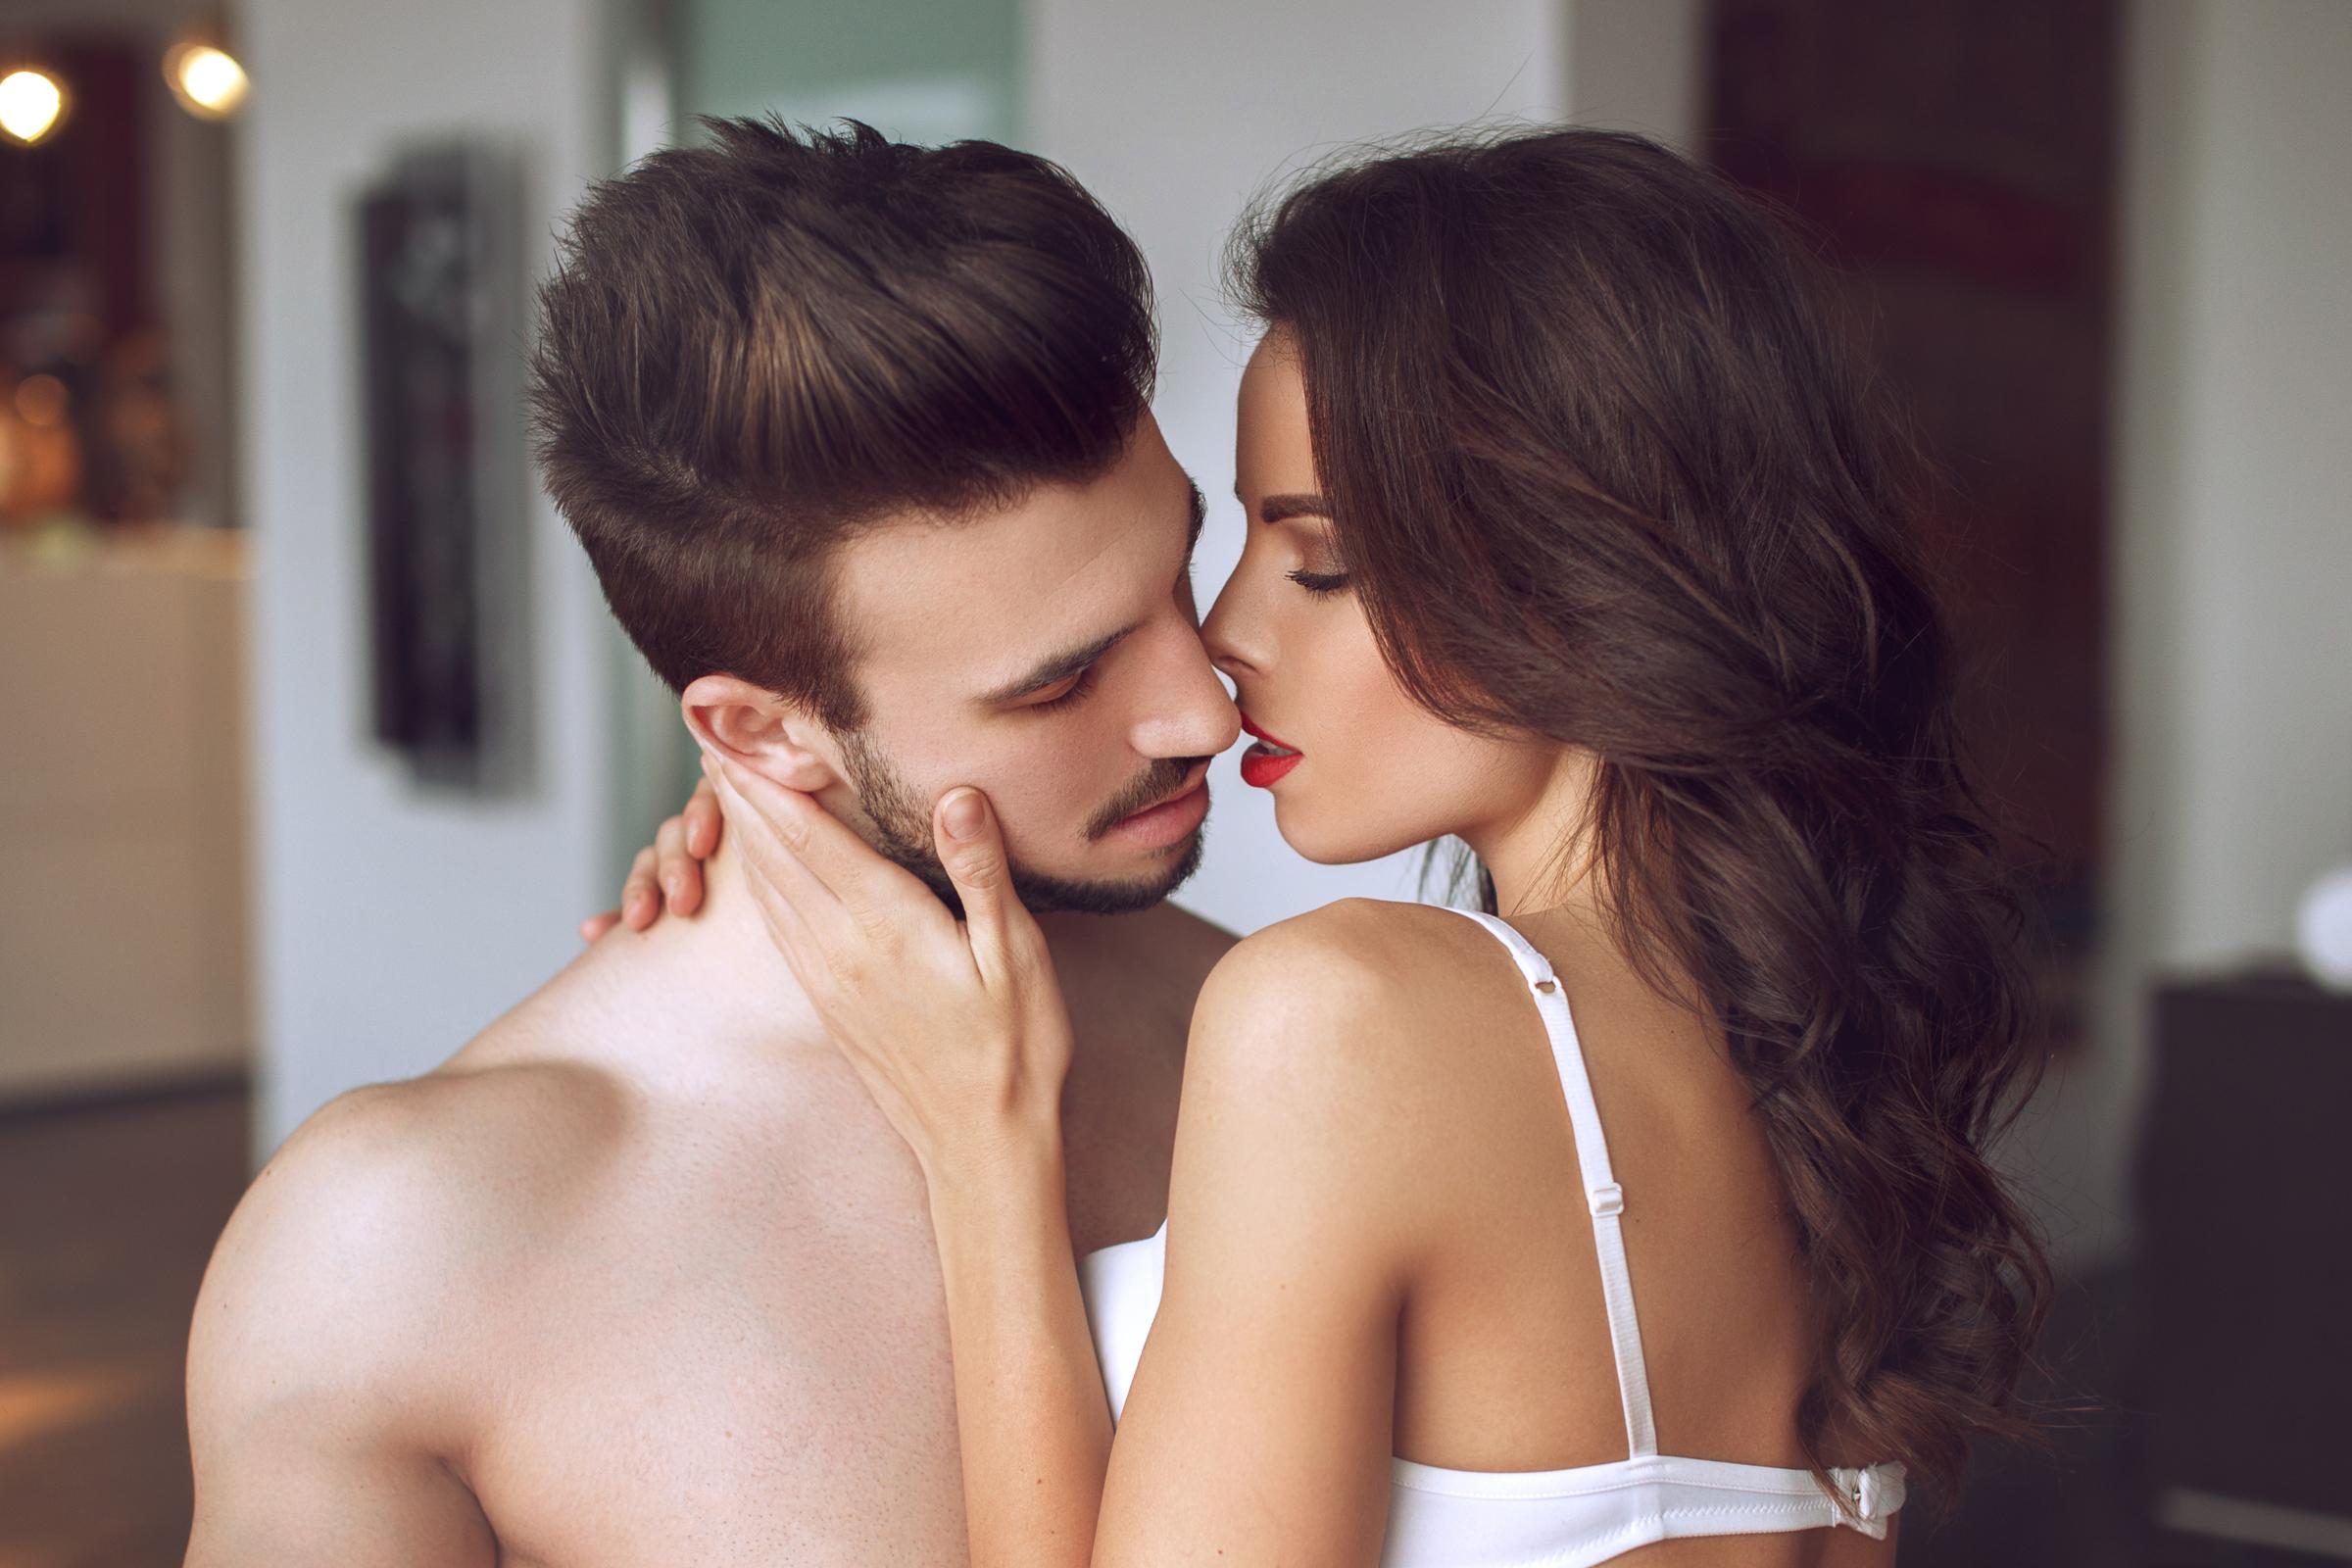 leszbikusok sok pisilés nagy fekete hariy punci